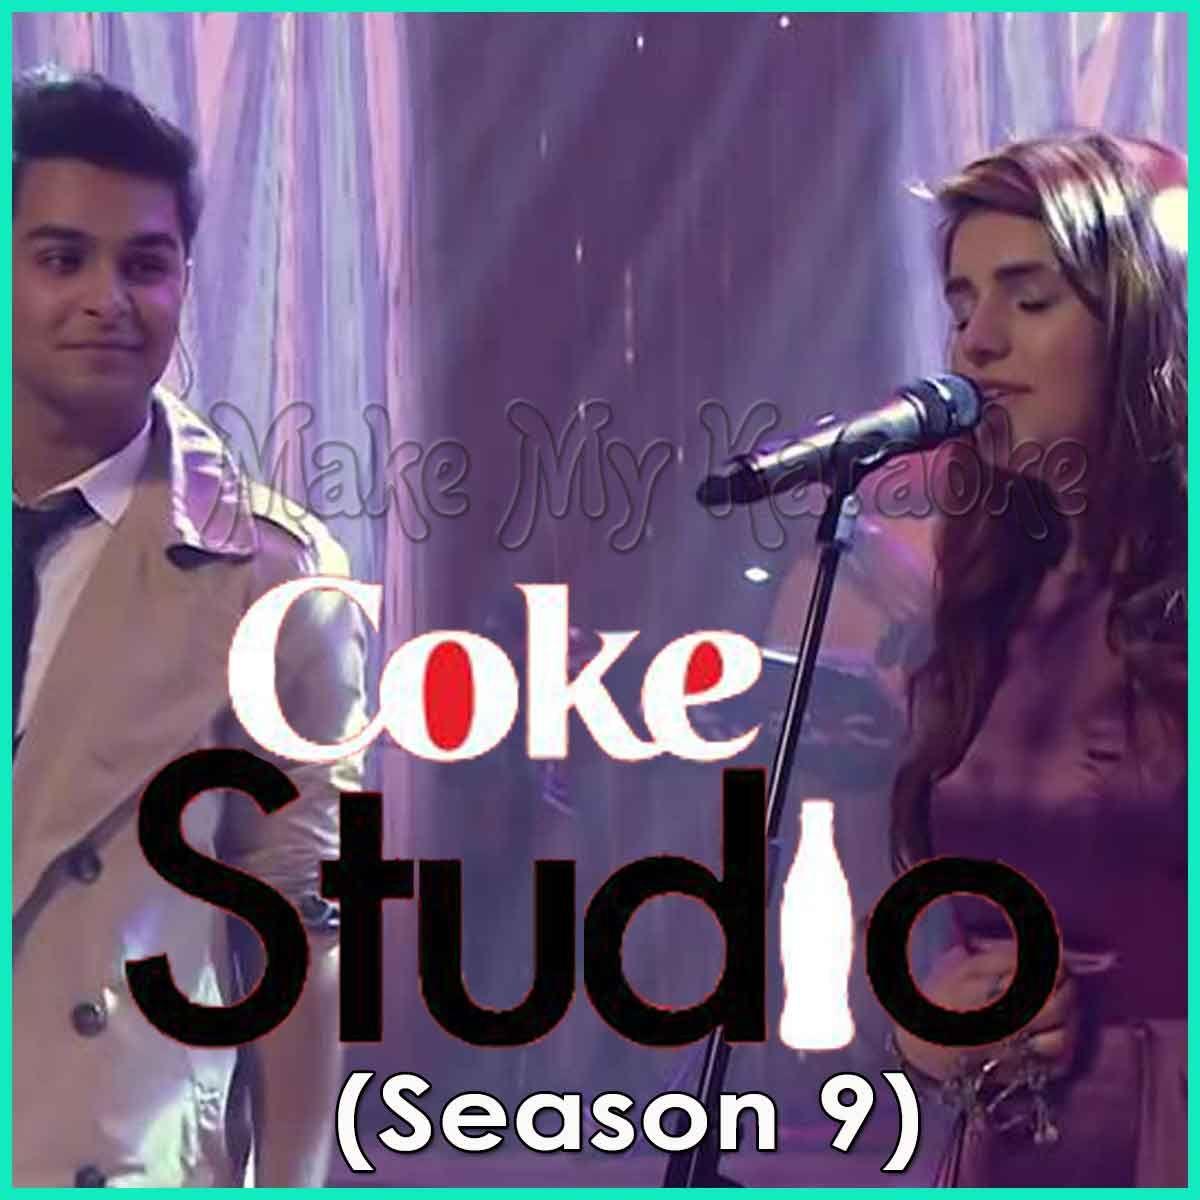 Tera Woh Pyar Coke Studio Pakistan Season 9 Mp3 Format